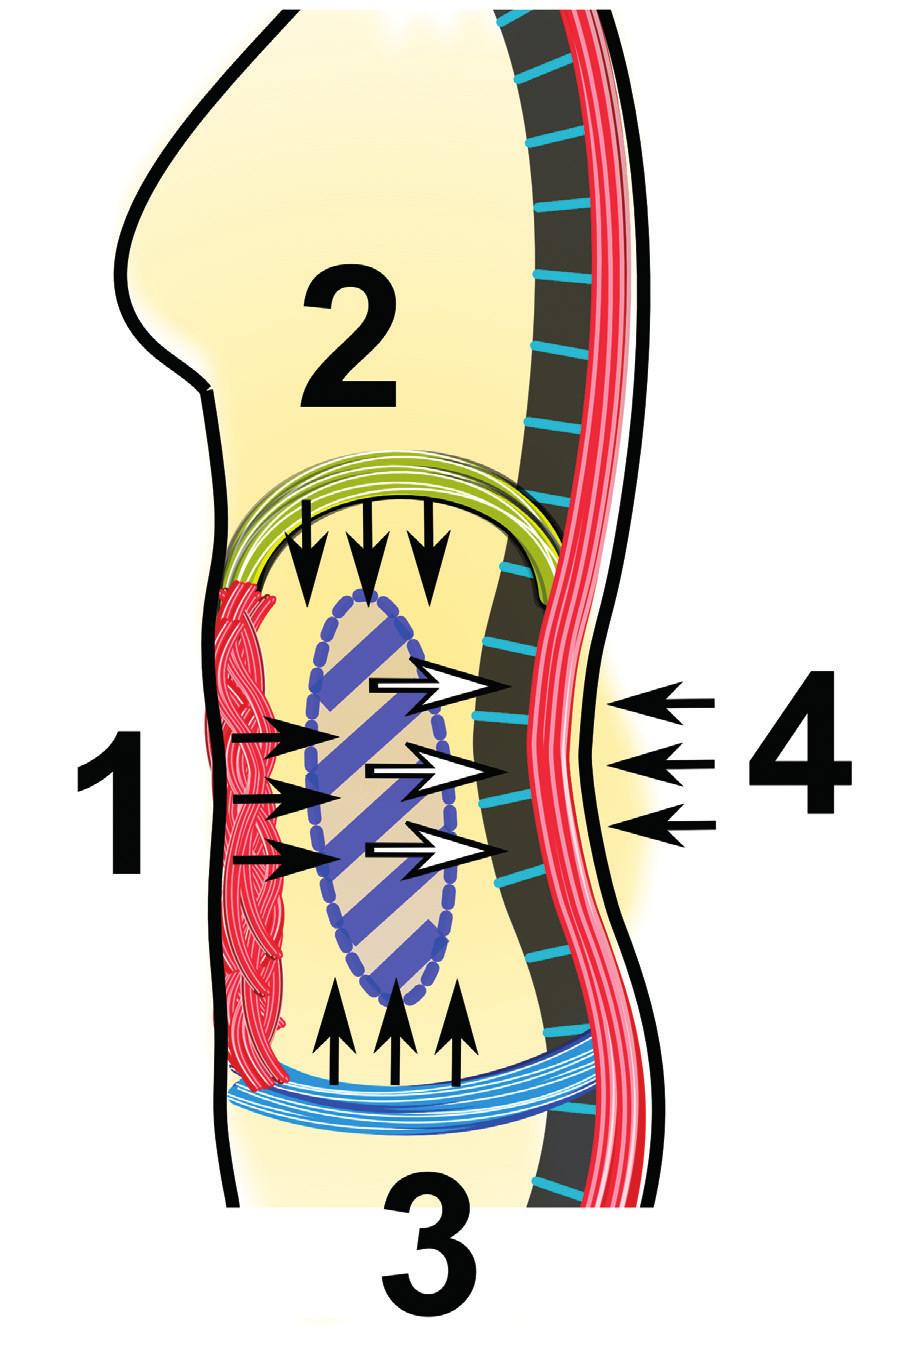 Souhra mezi ventrální a dorzální muskulaturou hlubokého stabilizačního systému bederní páteře. Stabilizace bederní páteře je z ventrální strany zajištěna převážně břišními svaly (1), bránicí (2) a svaly pánevního dna (3). Jejich společným působením vzniká nitrobřišní tlak (černé šipky, modrý ovál), který se z přední strany přenáší na bederní páteř (bílé šipky). Z dorzální strany (4) je zajištěna stabilita bederní páteře jejich antagonisty, tedy extenzory páteře (m. erector trunci).